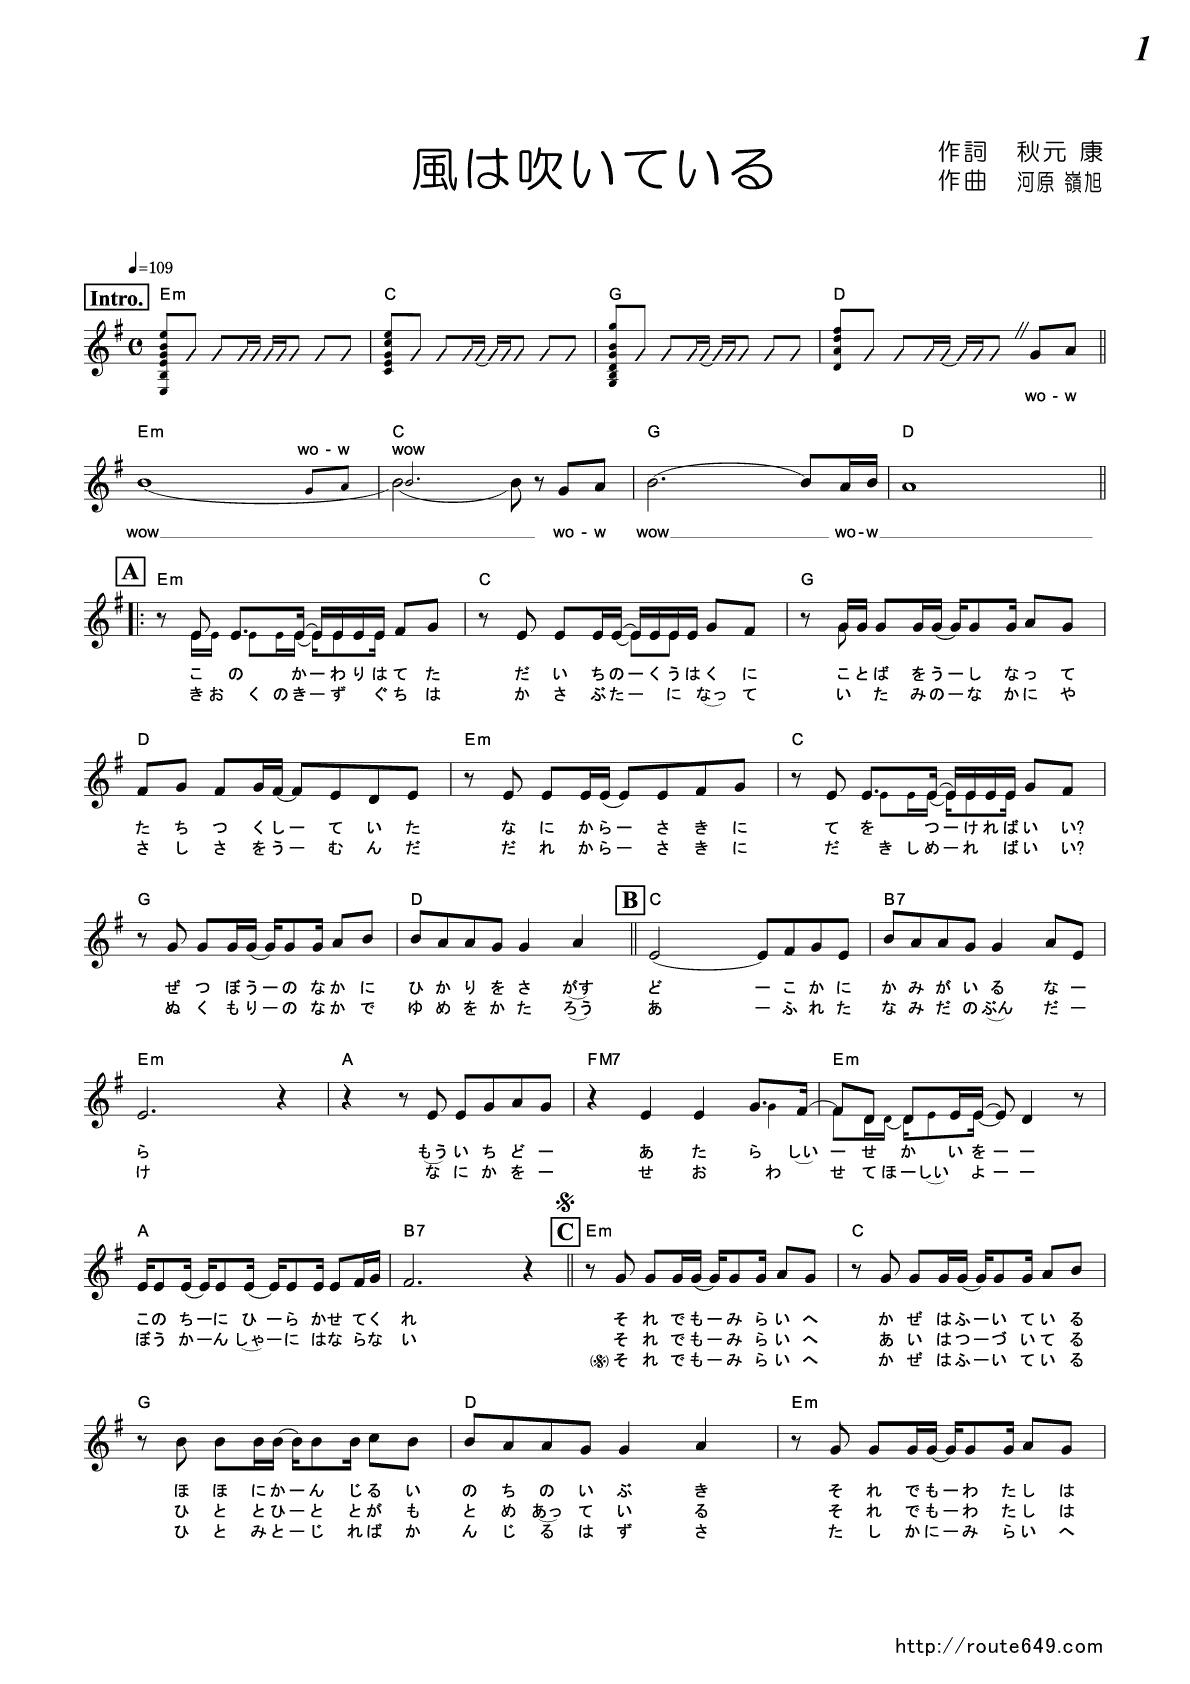 無料 リコーダー 楽譜